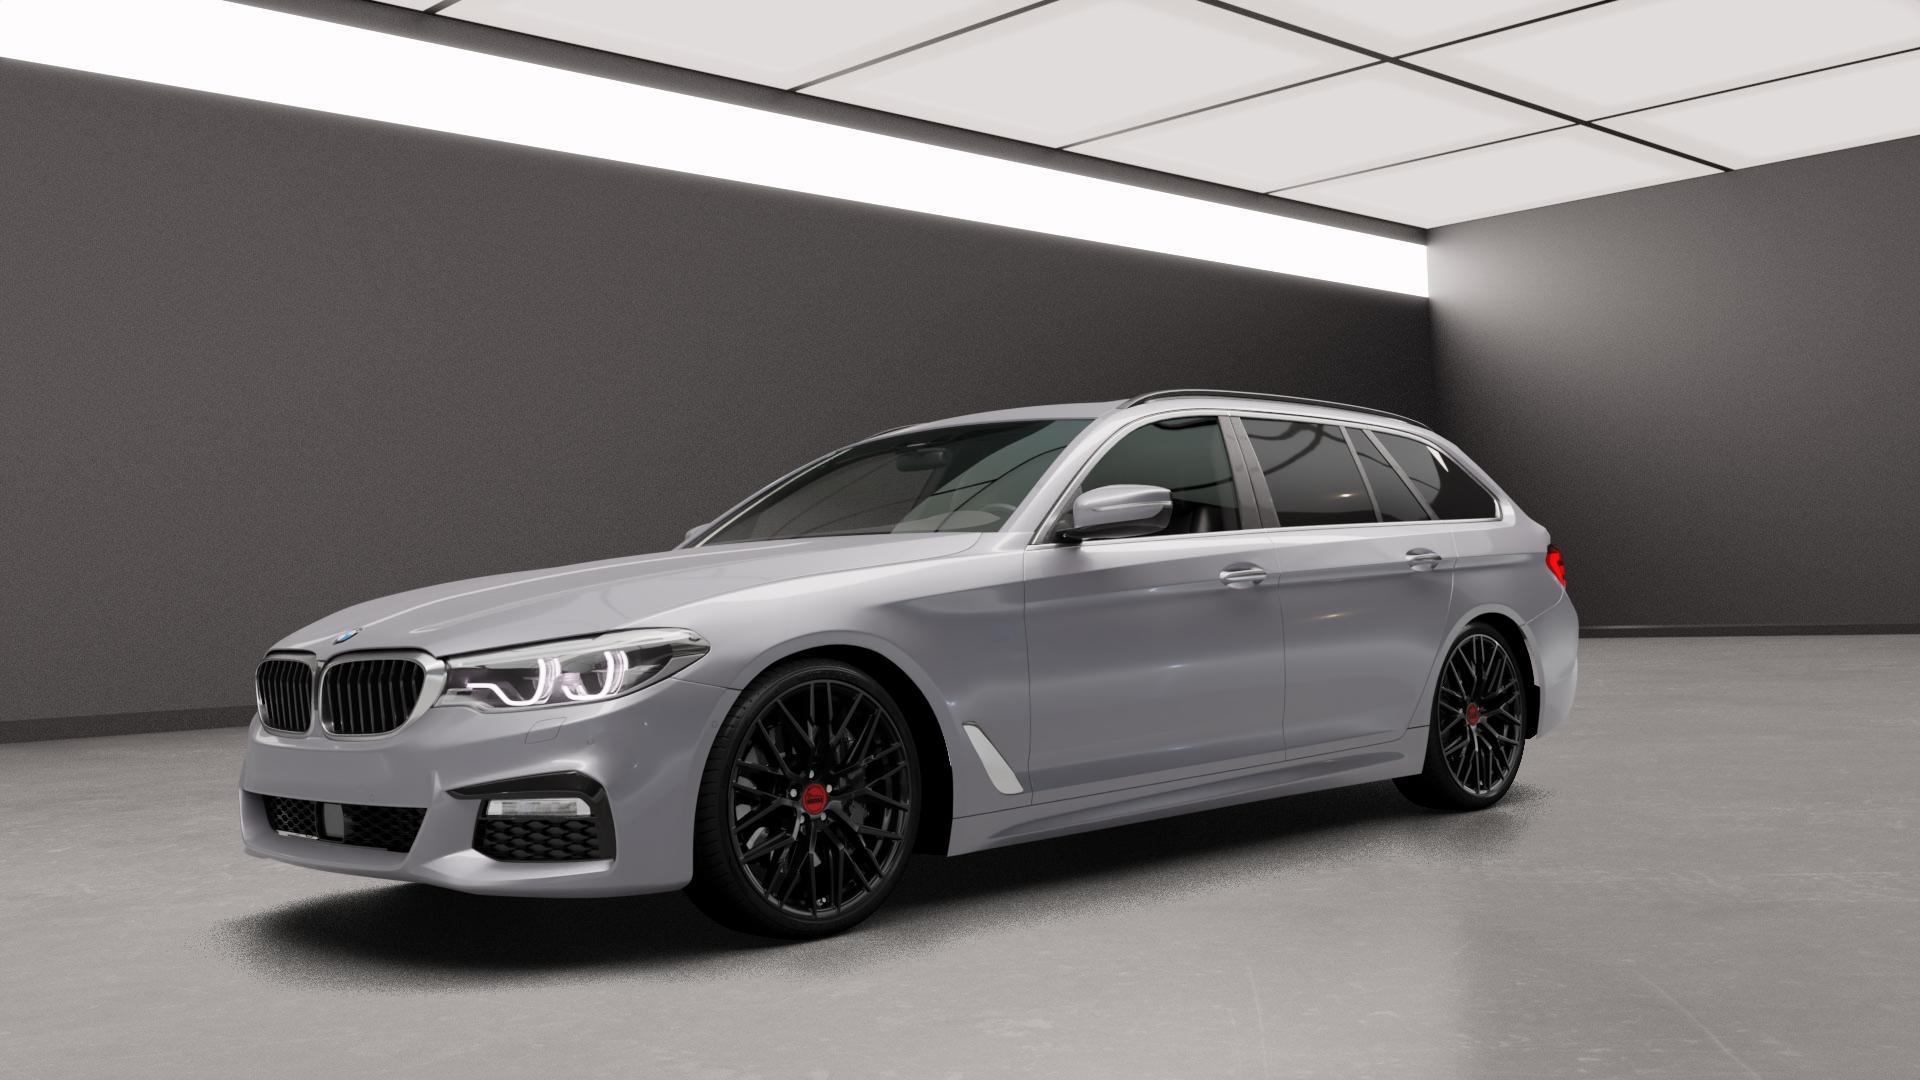 MAM RS4 BLACK PAINTED Felge mit Reifen schwarz in 20Zoll Winterfelge Alufelge auf silbernem BMW 5er G31 Touring (G5K) ⬇️ mit 15mm Tieferlegung ⬇️ Neutral_mid_max5300mm Frontansicht_1